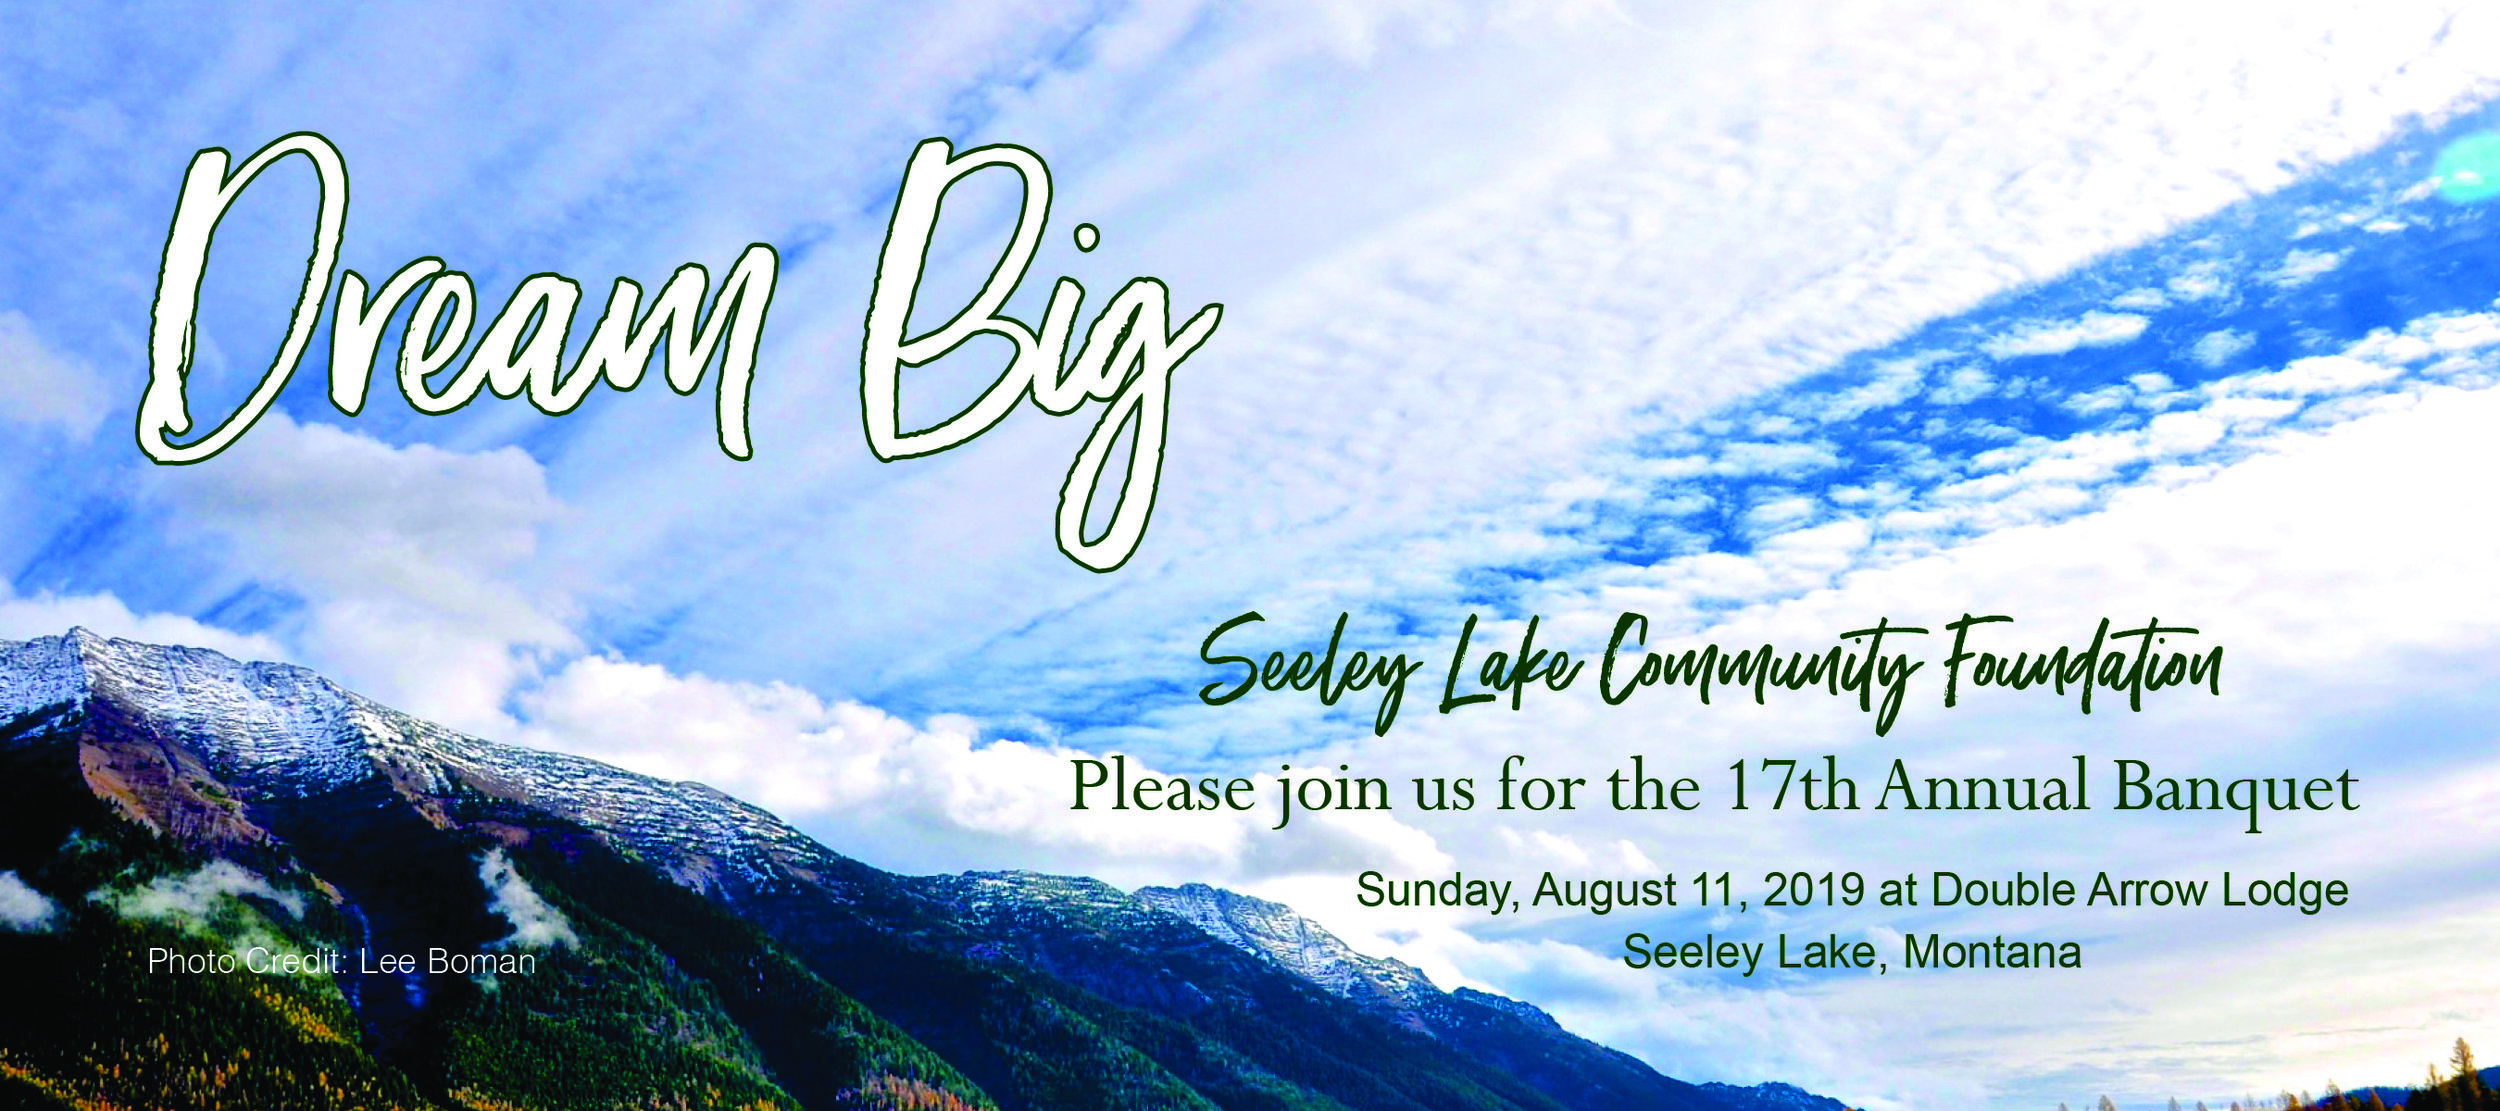 SLCF Invite 2019 FINAL.jpg